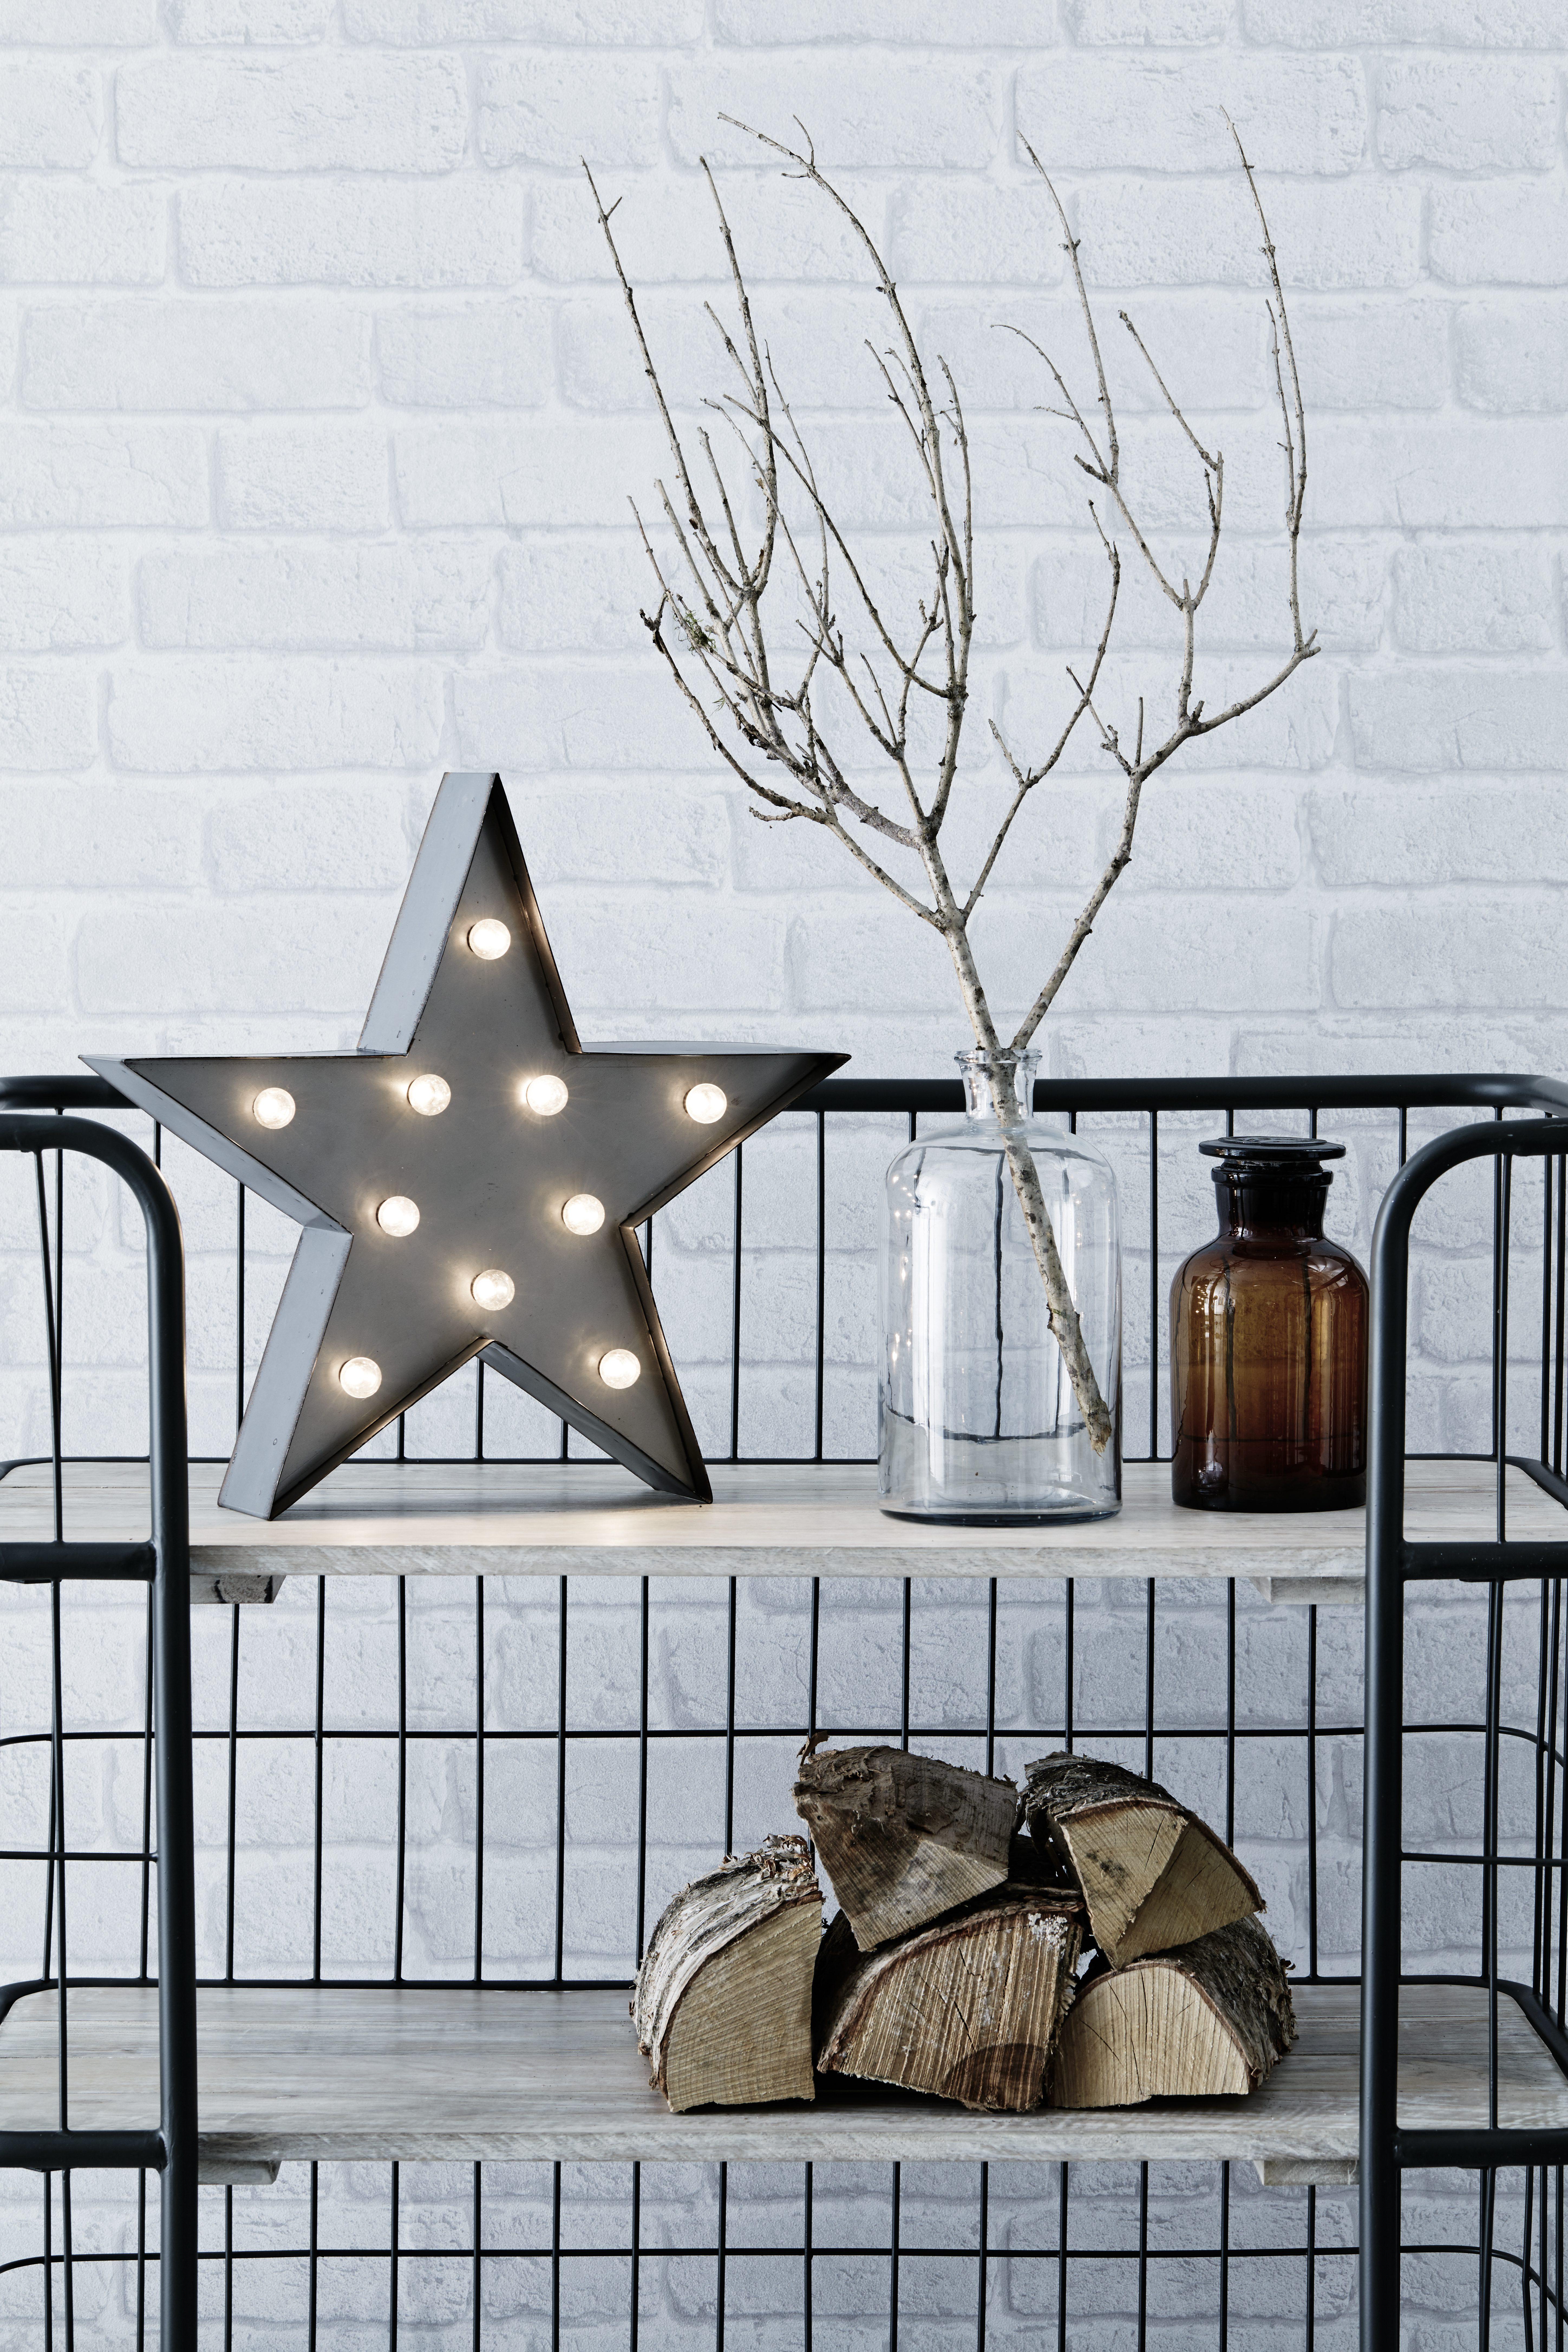 Vinnaren till en vacker stjärna är….